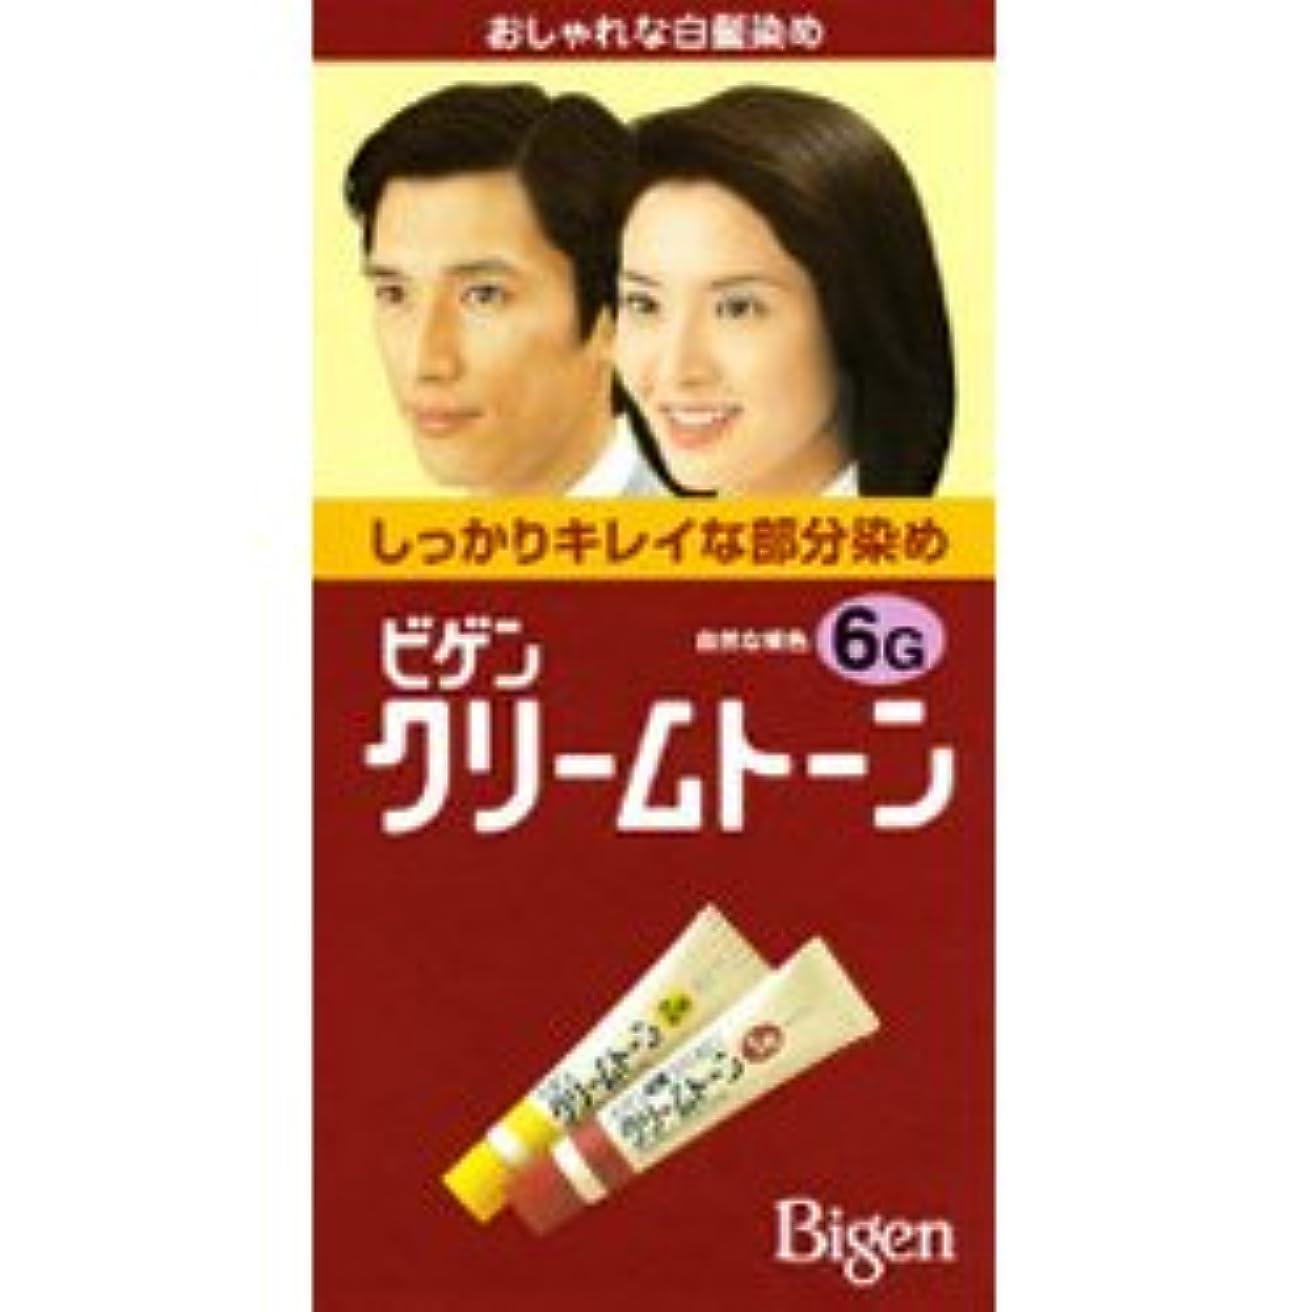 補正販売計画転用ビゲンクリームトーン 6G 自然な褐色(40g+40g)